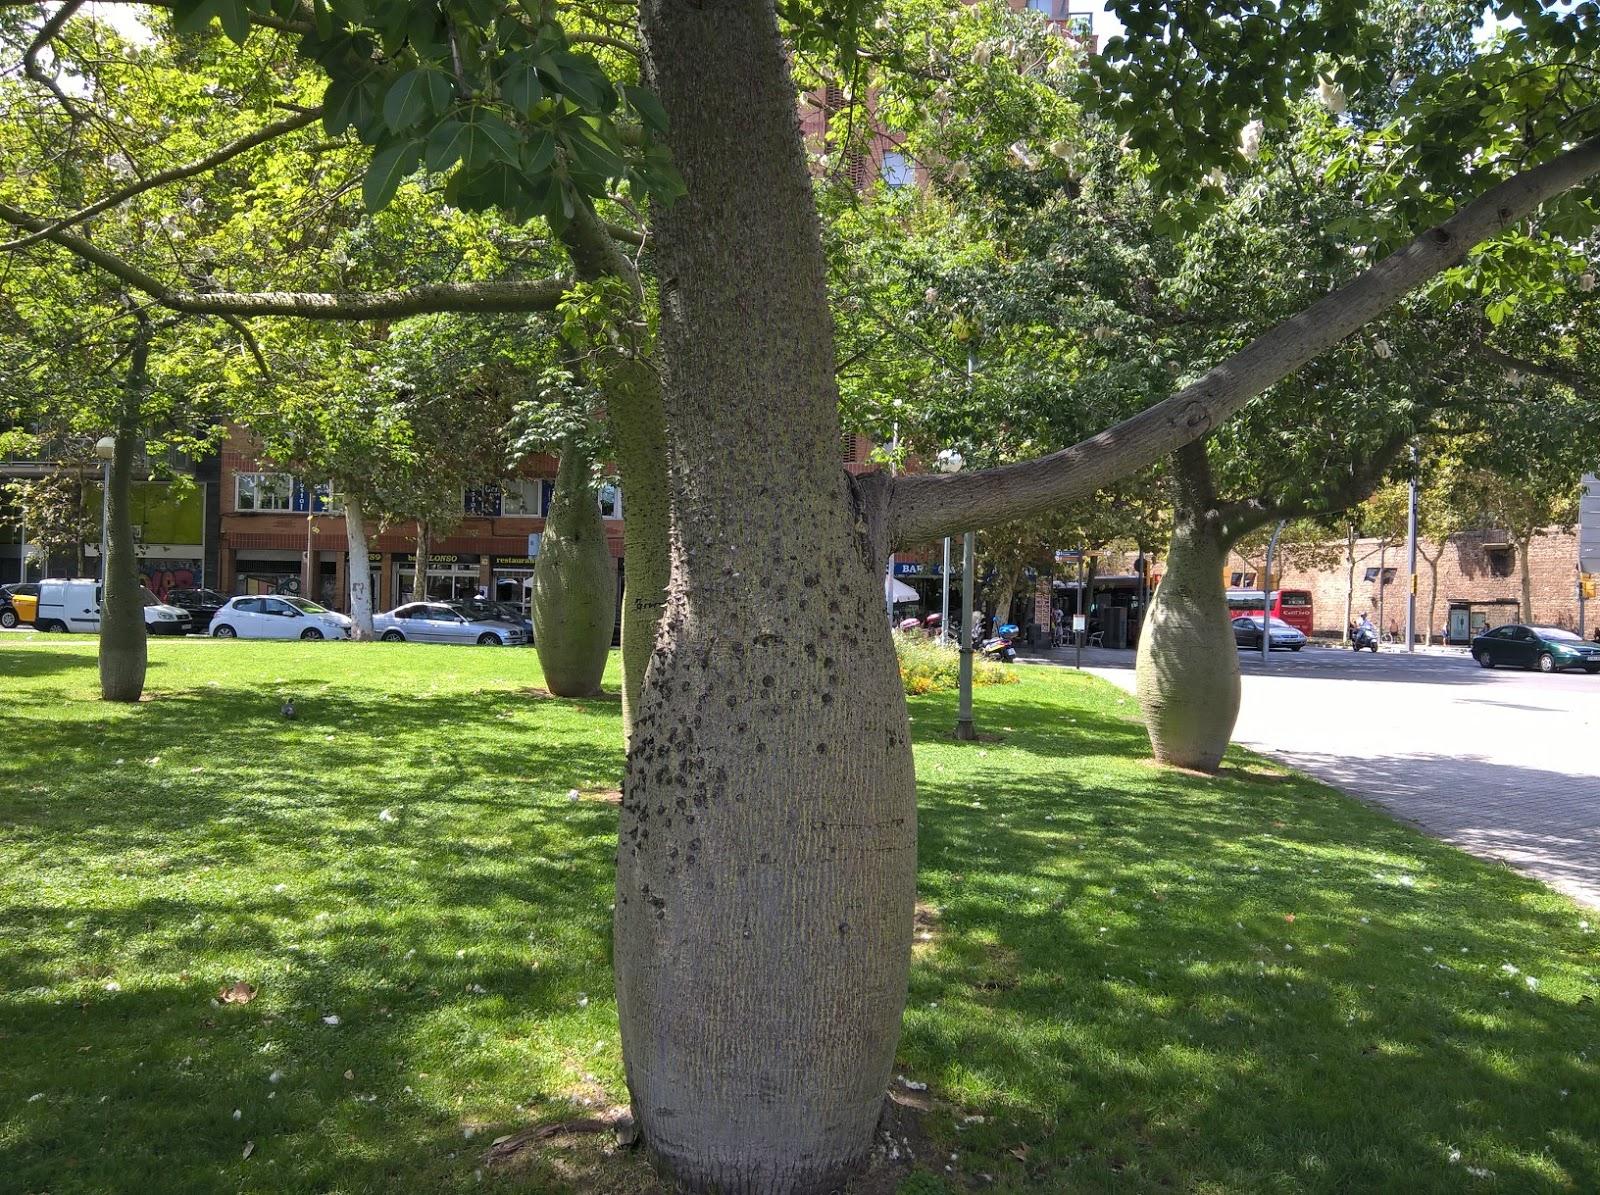 Immagini Di Piante E Alberi il gusto della natura: ceiba (chorisia speciosa), l'albero